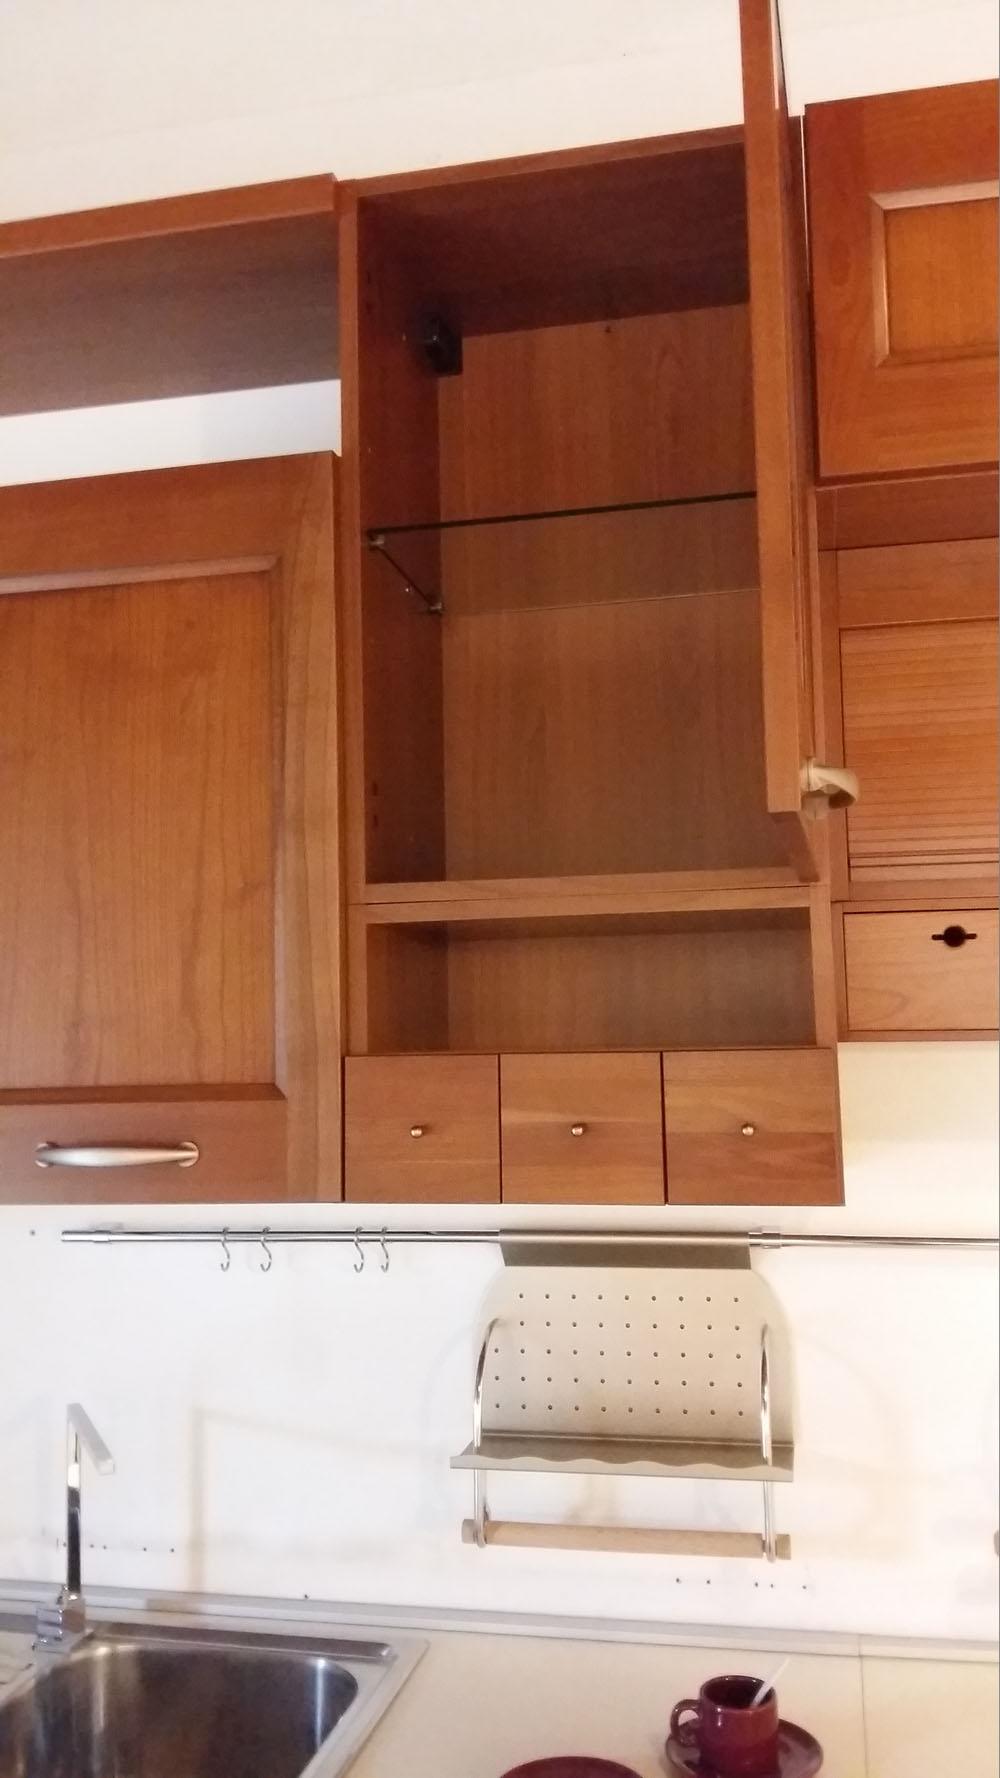 Cucina In Ciliegio Scontata : Cucina angolo maior in legno ciliegio scontata del